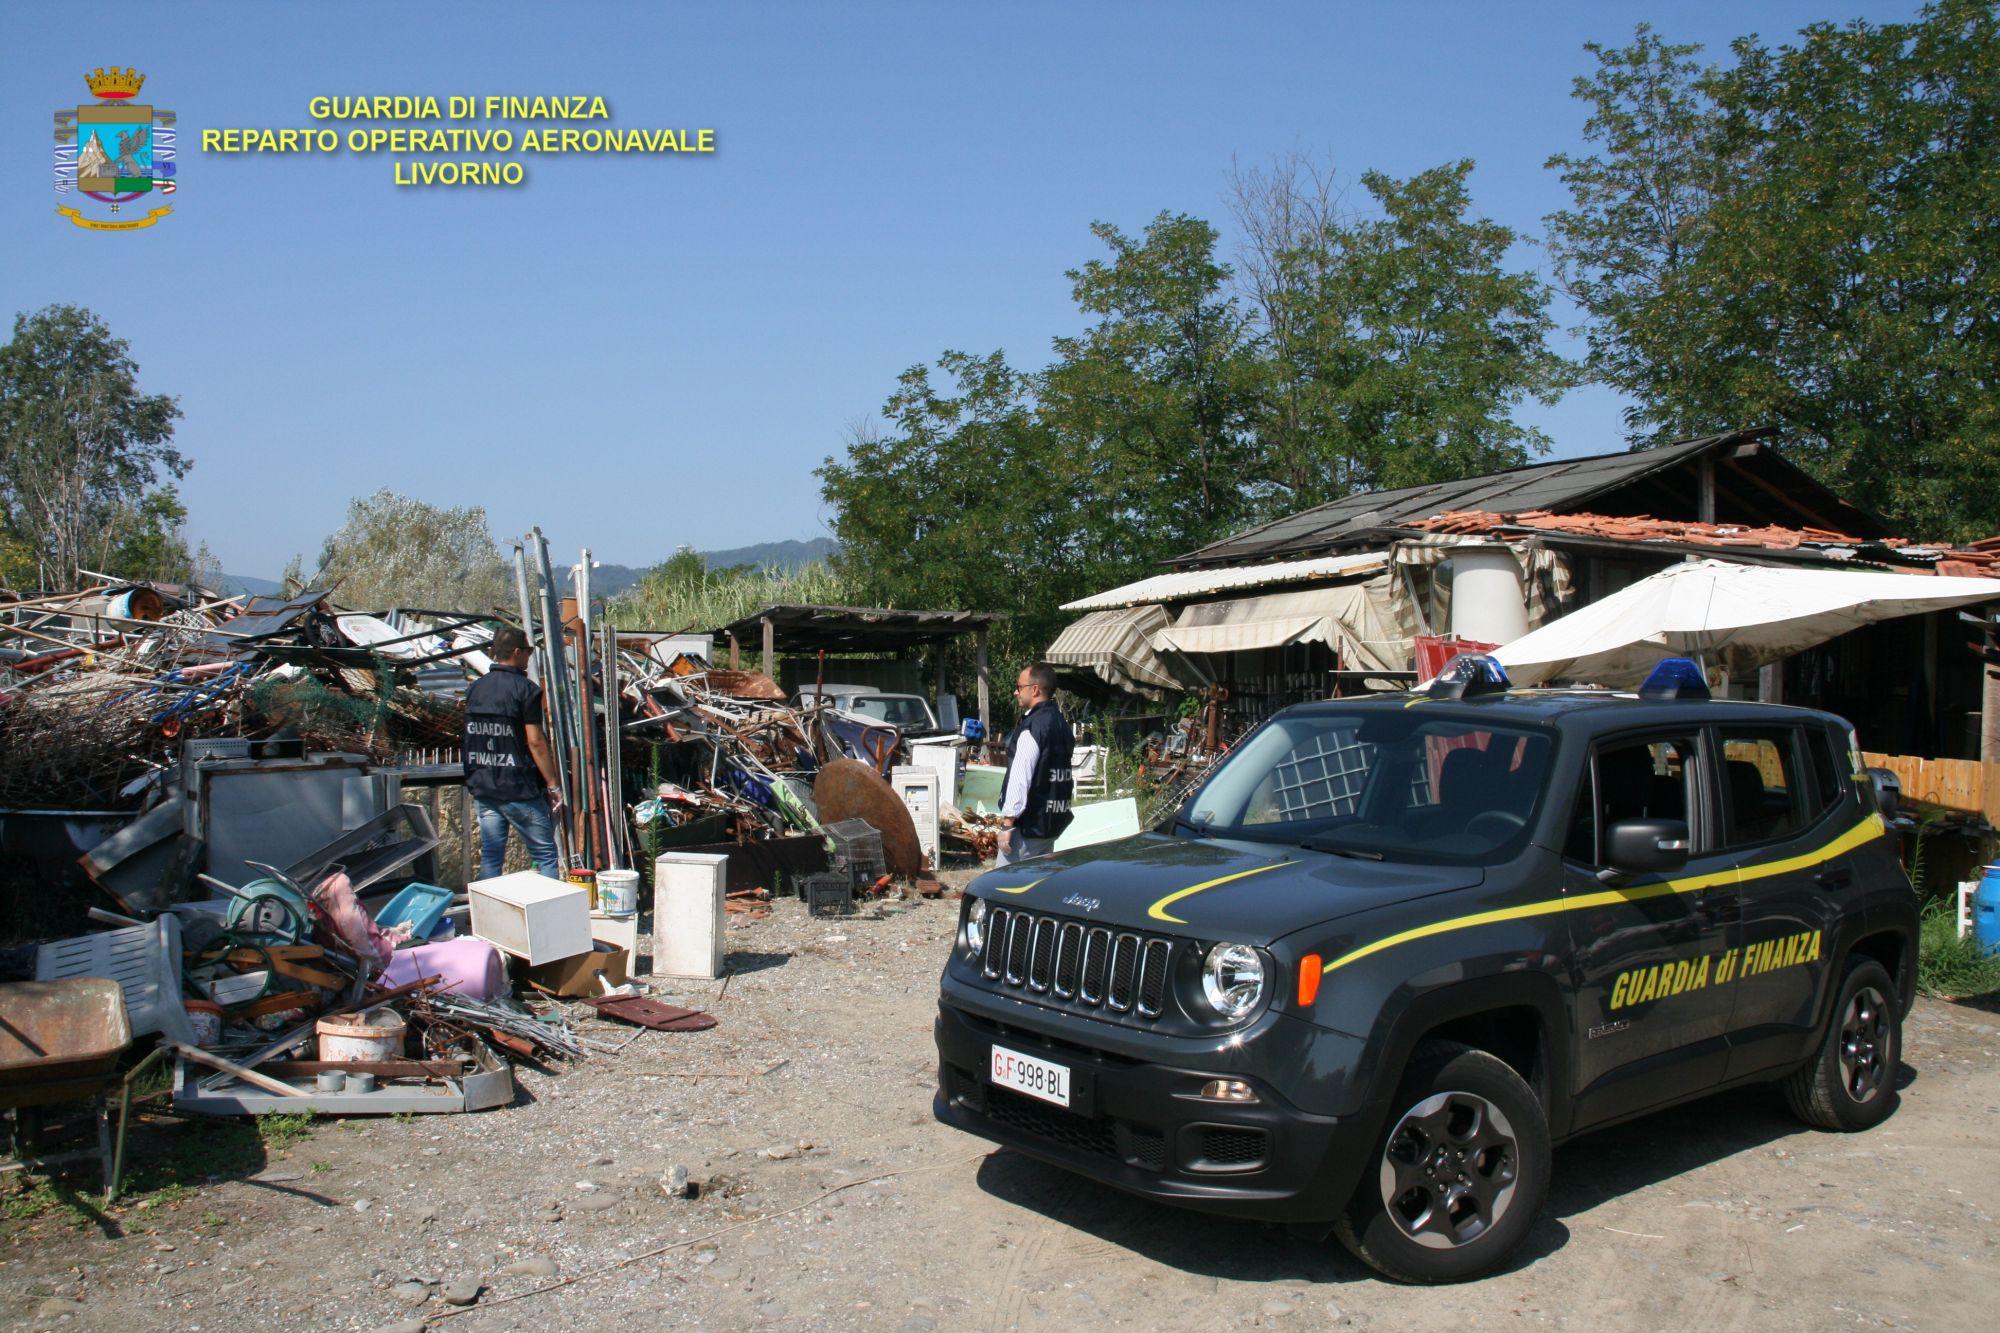 Discarica abusiva, sequestrata dal Roan di Marina di Carrara area con 250 tonnellate di rifiuti